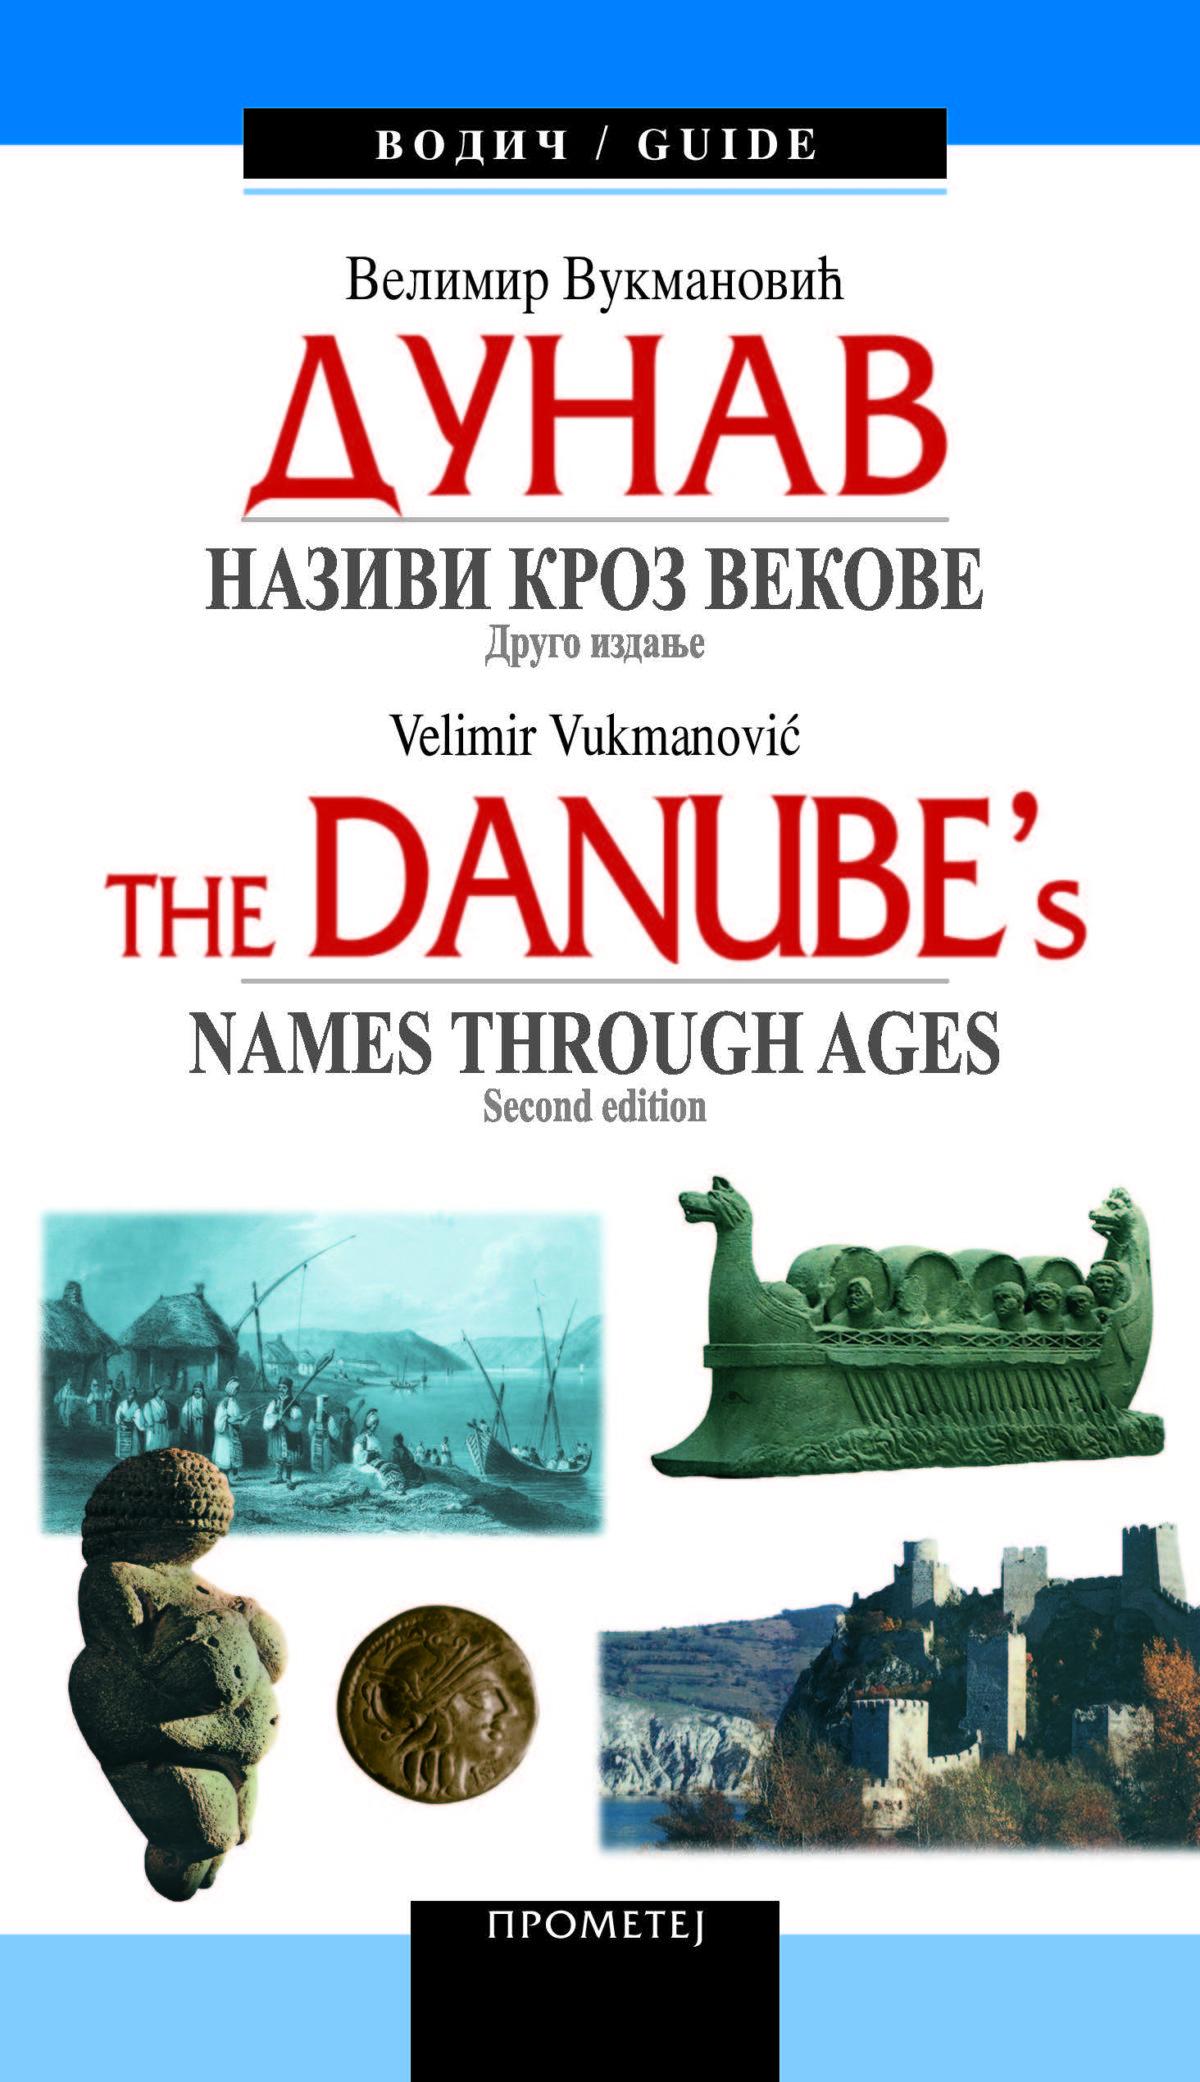 Dunav nazivi kroz vekove – srpsko-engleski